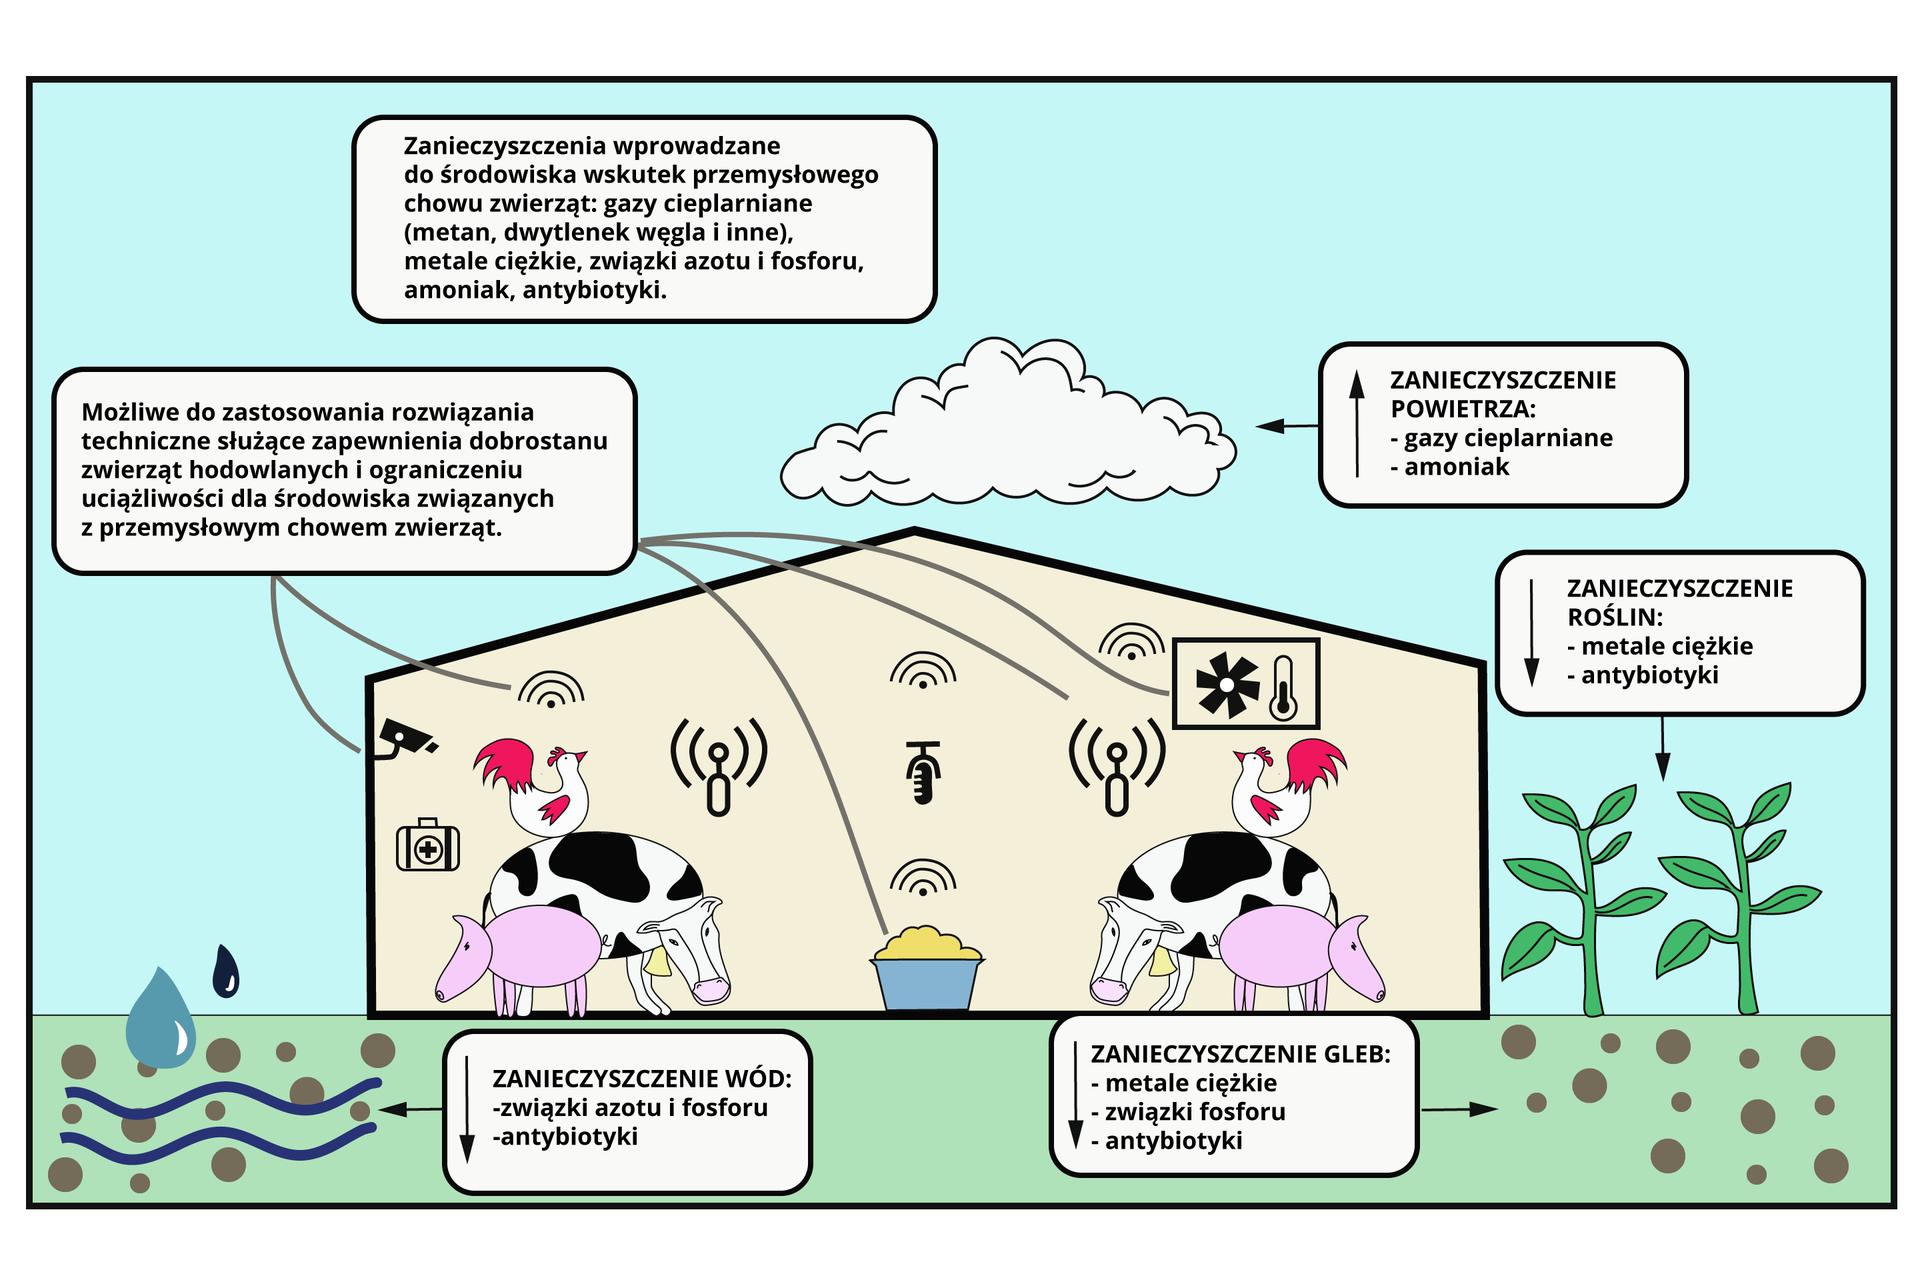 Relacje-miedzy-elementami-srodowiska-w-gospodarstwie-ekologicznymZrodlo-Englishsquare.pl-Sp.-z-o.o-CC-BY-SA-3.0.